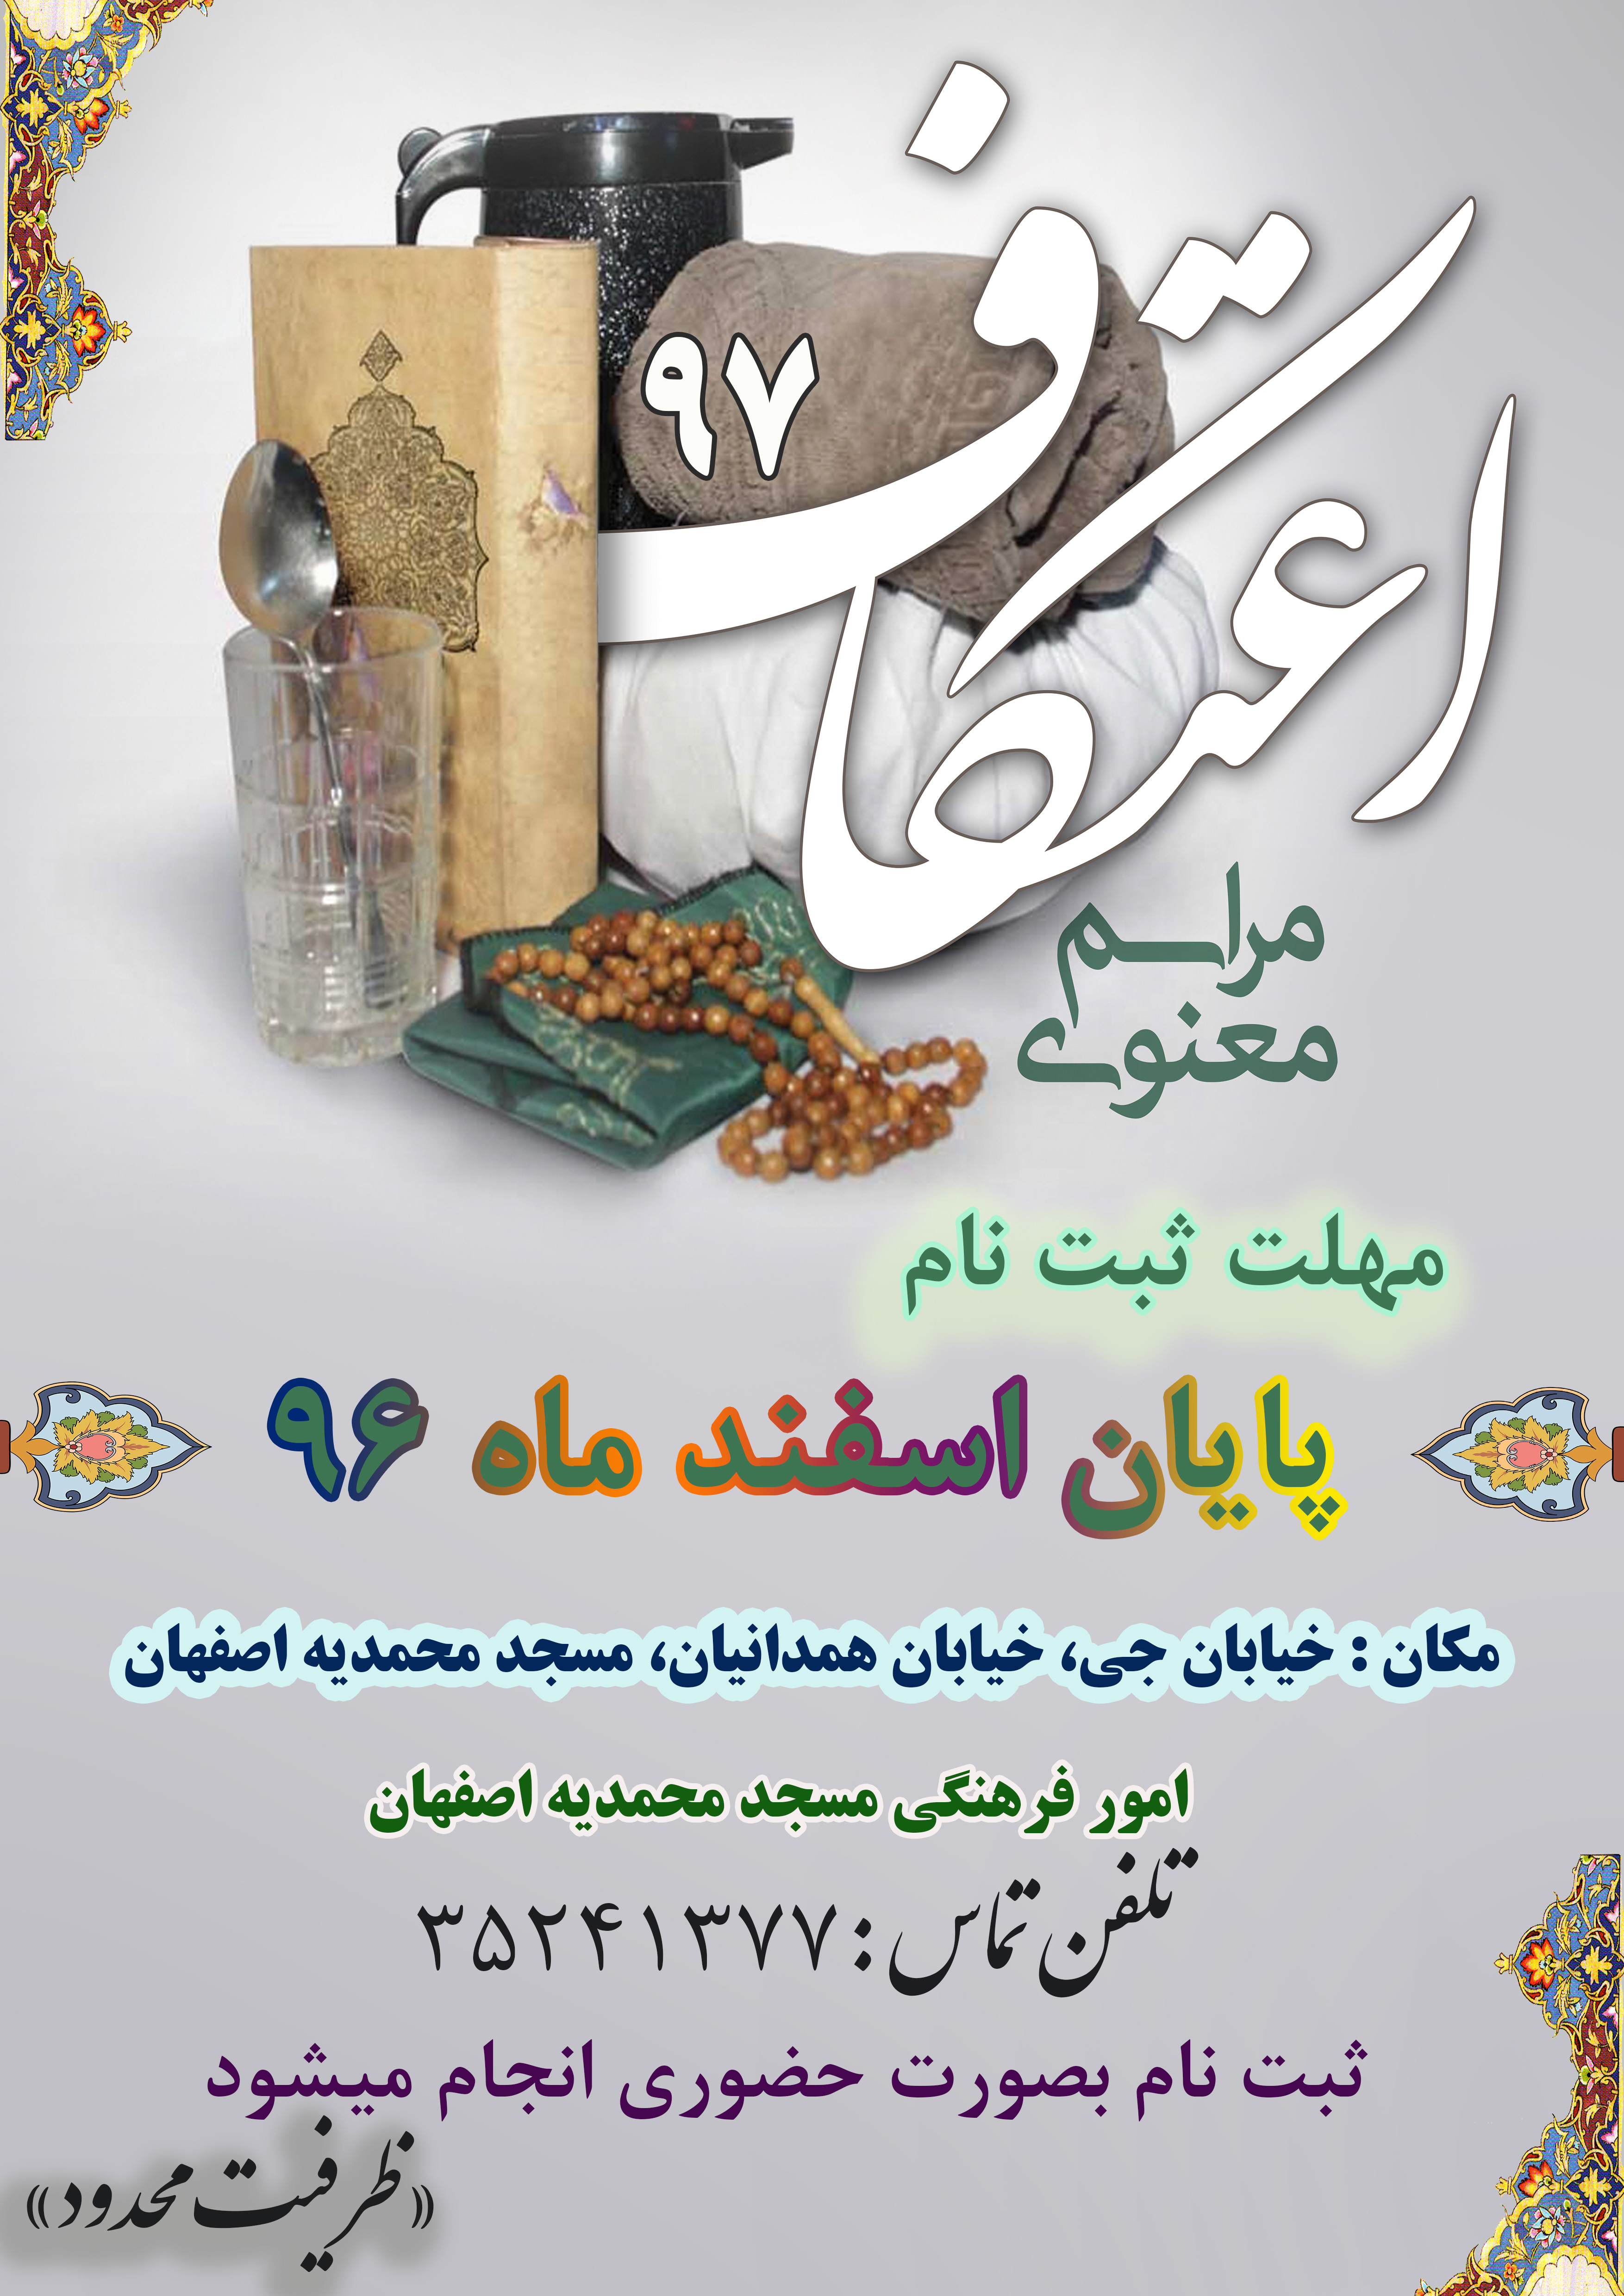 ثبت نام مراسم پر فیض اعتکاف سال 97(مسجد محمدیه اصفهان)